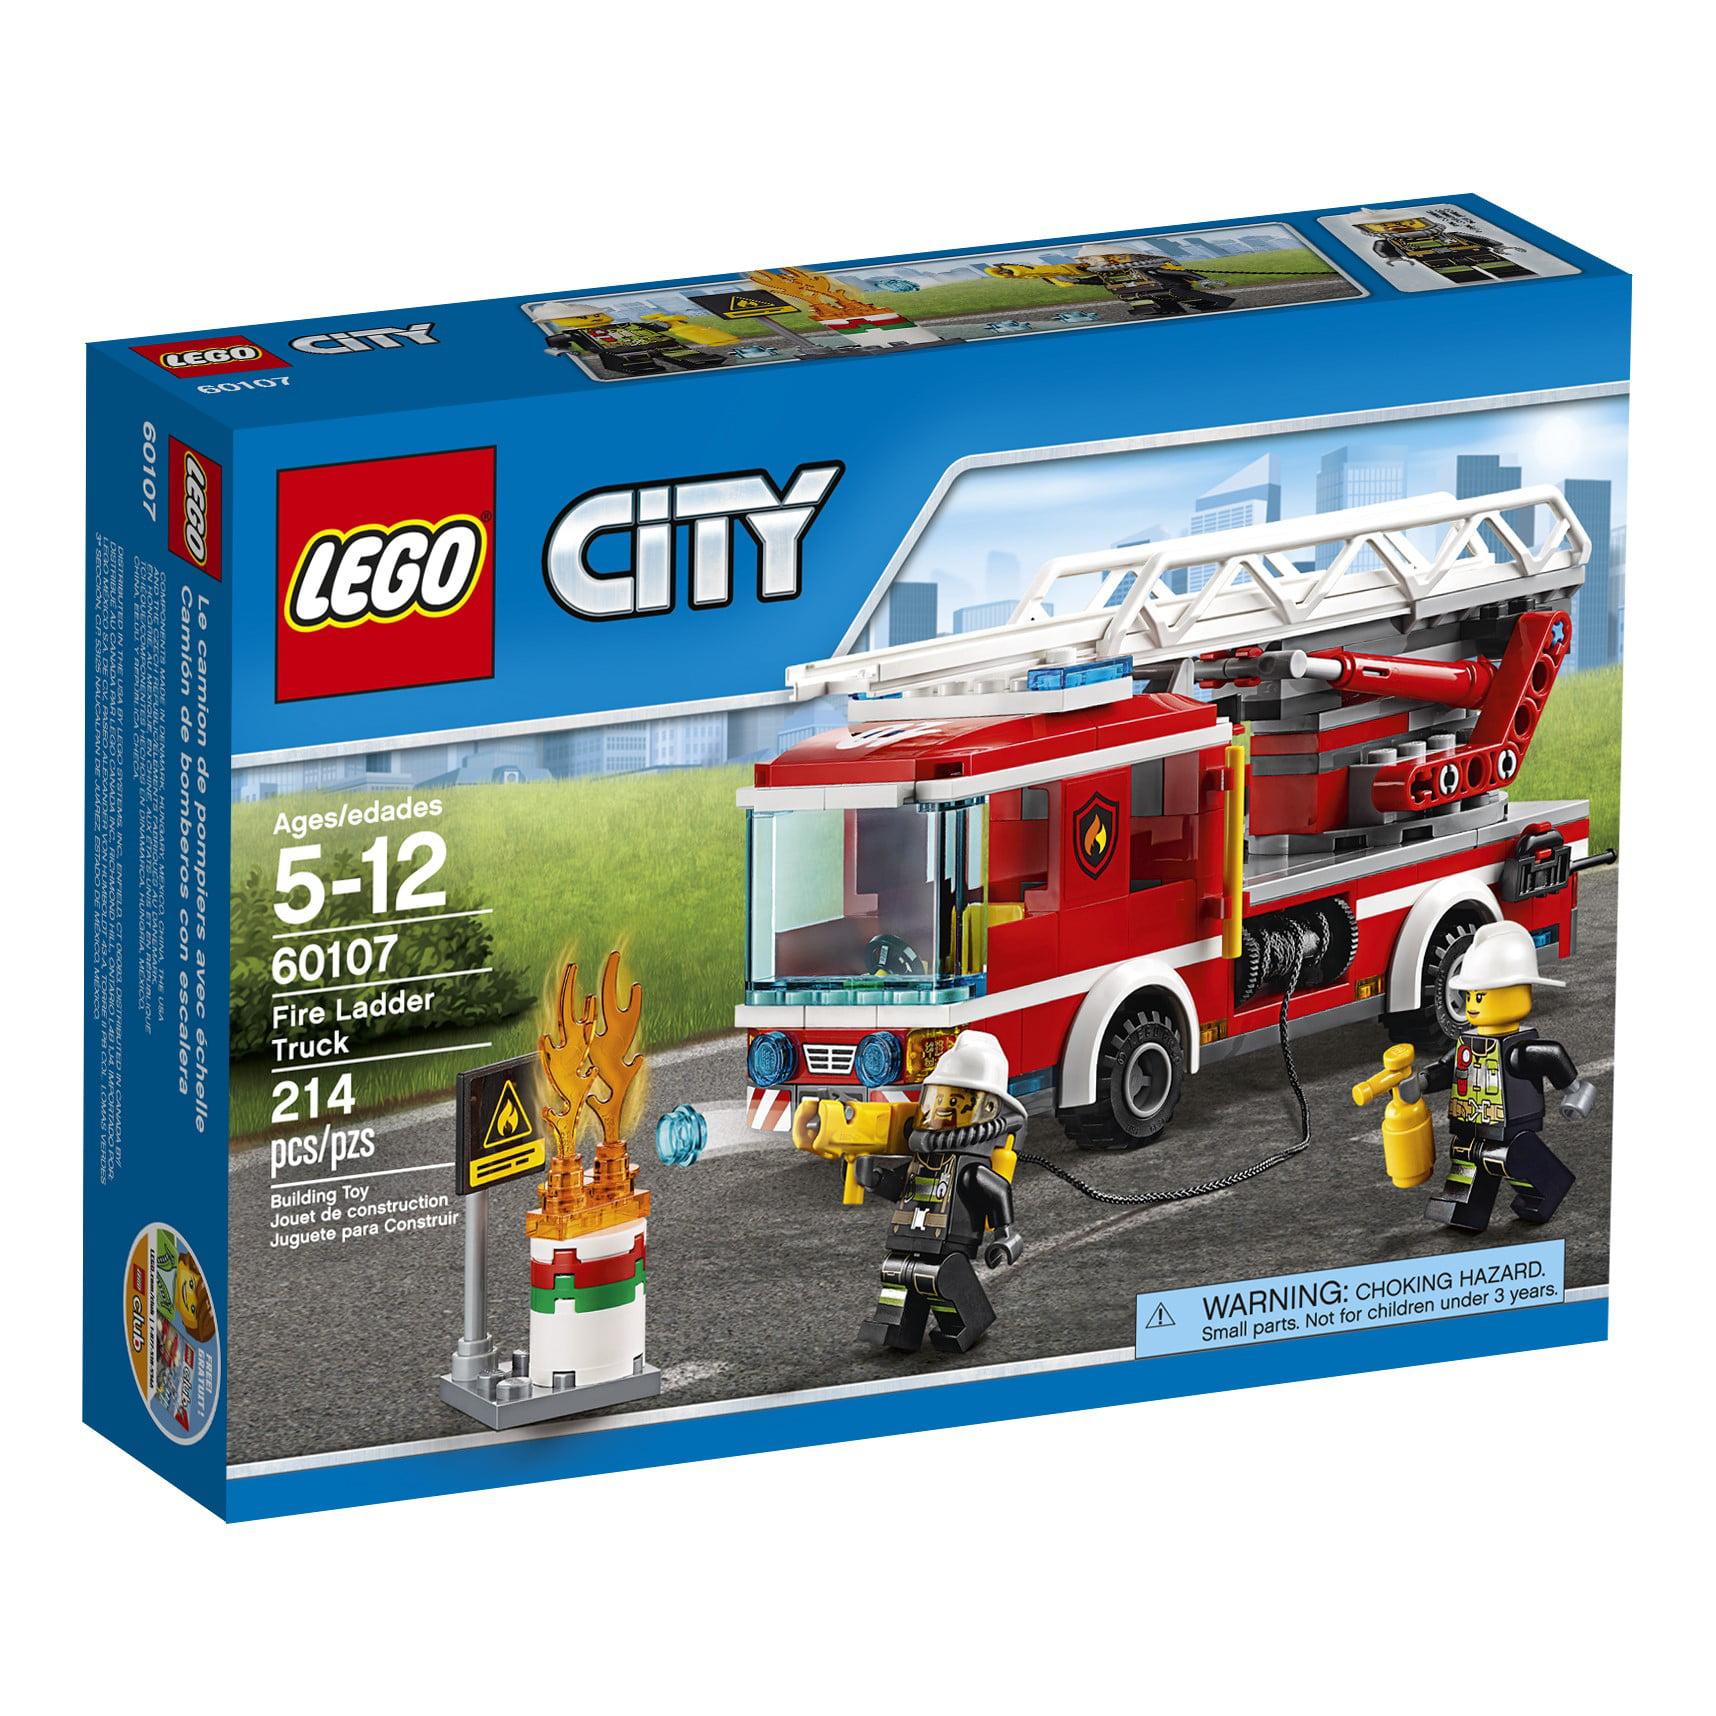 LEGO City Fire Ladder Truck 60107 - Walmart.com